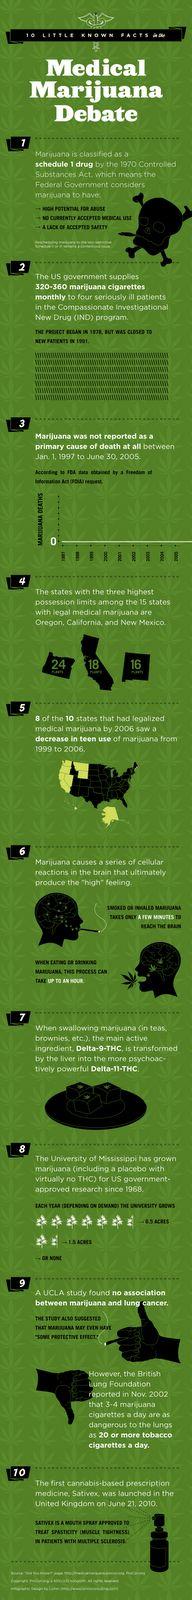 Un poco de información sobre la Marihuana y su aceptación social y legal en USA... A little bit of information on Marihuana social and legal Acceptance in the US...